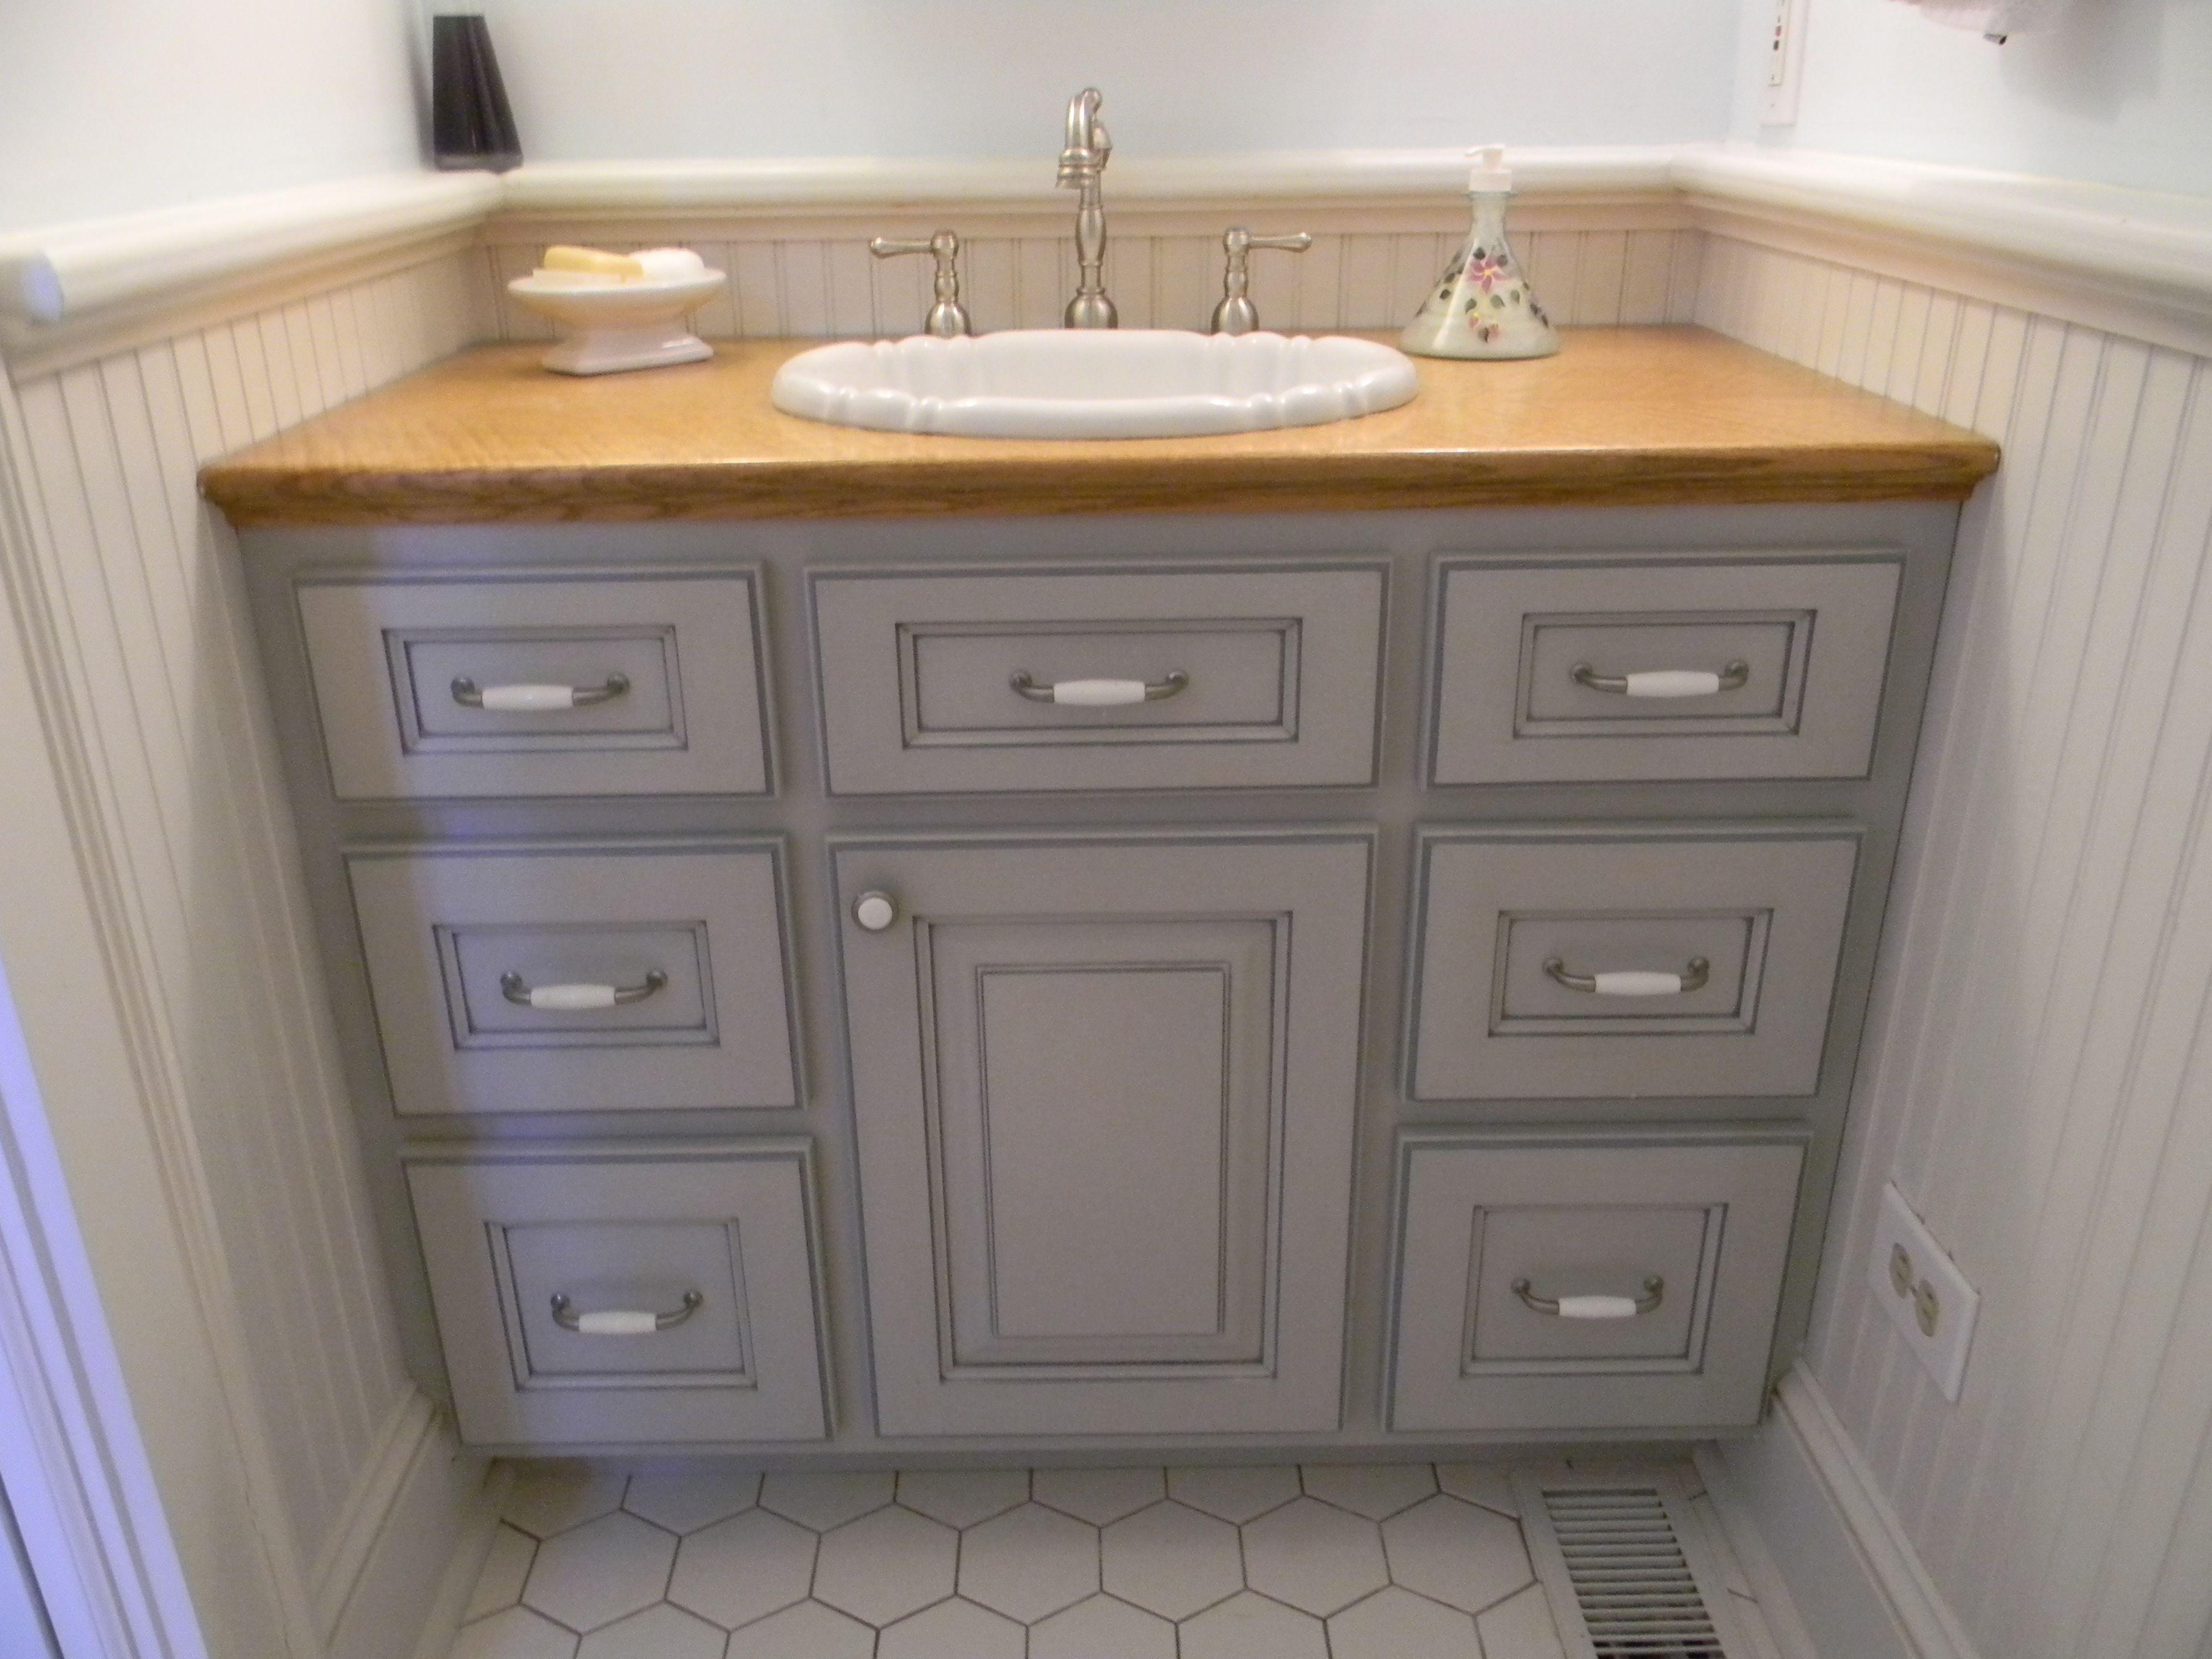 custom design powder room vanity with quartersawn red oak top - Powder Room Vanities